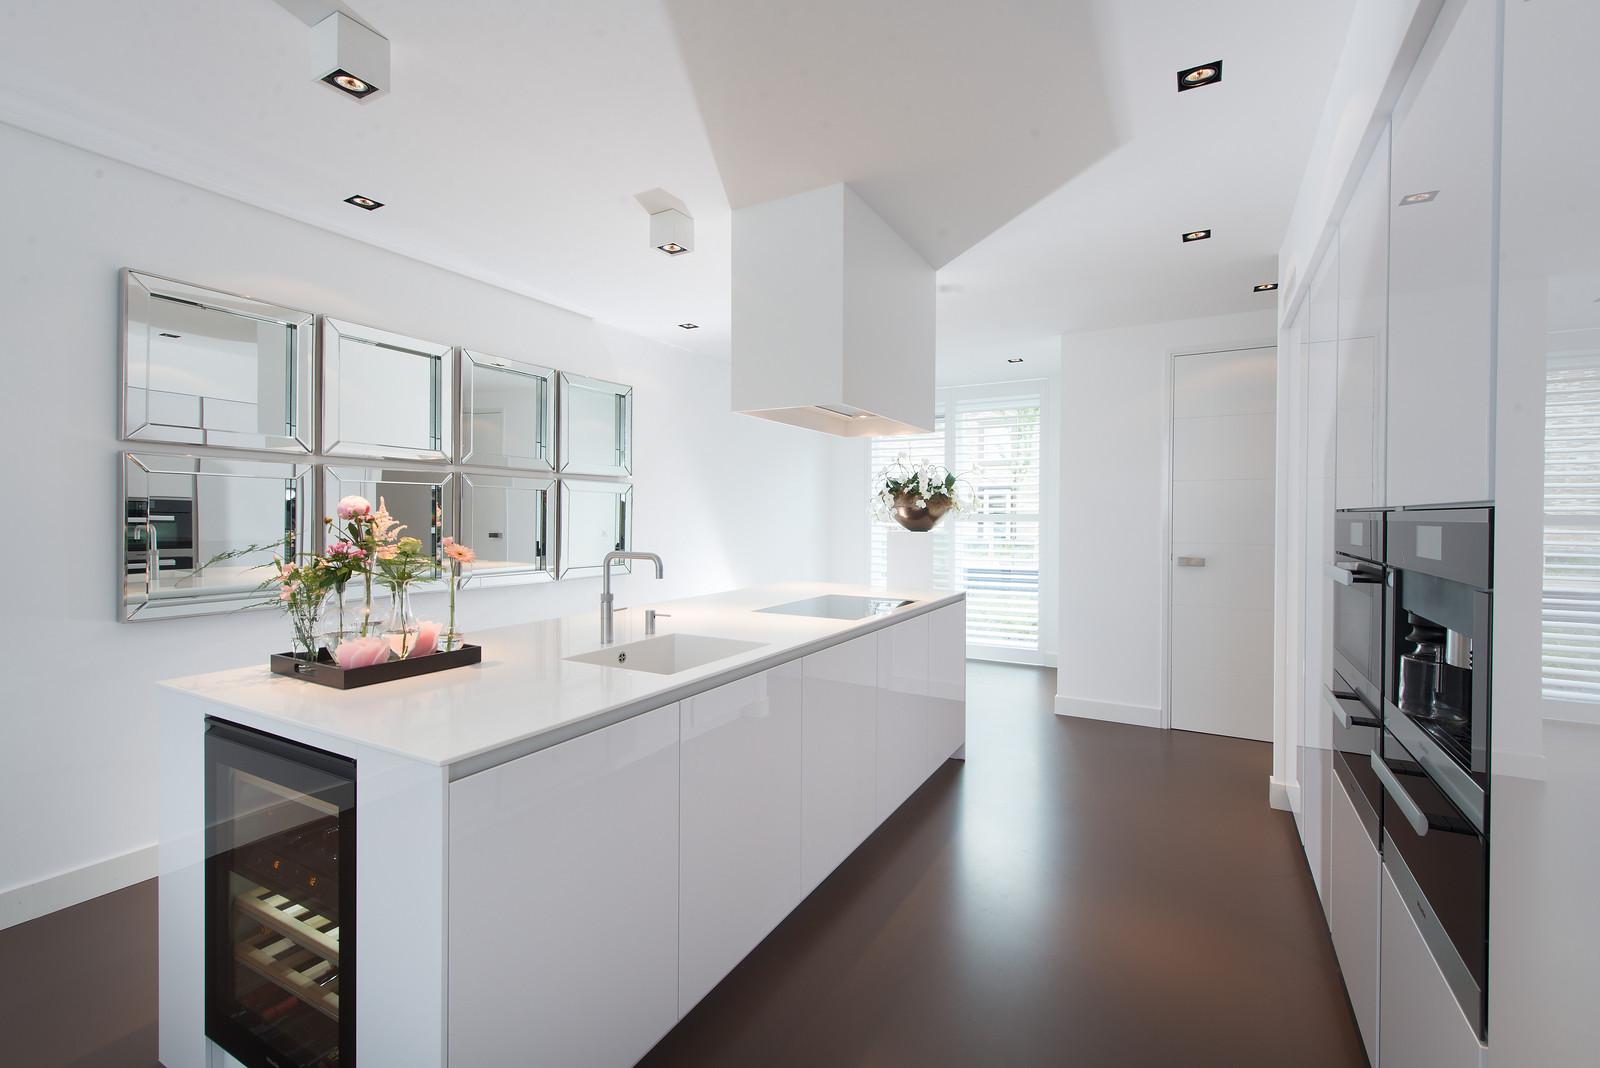 Kookeilanden startpagina voor keuken ideeën uw keuken